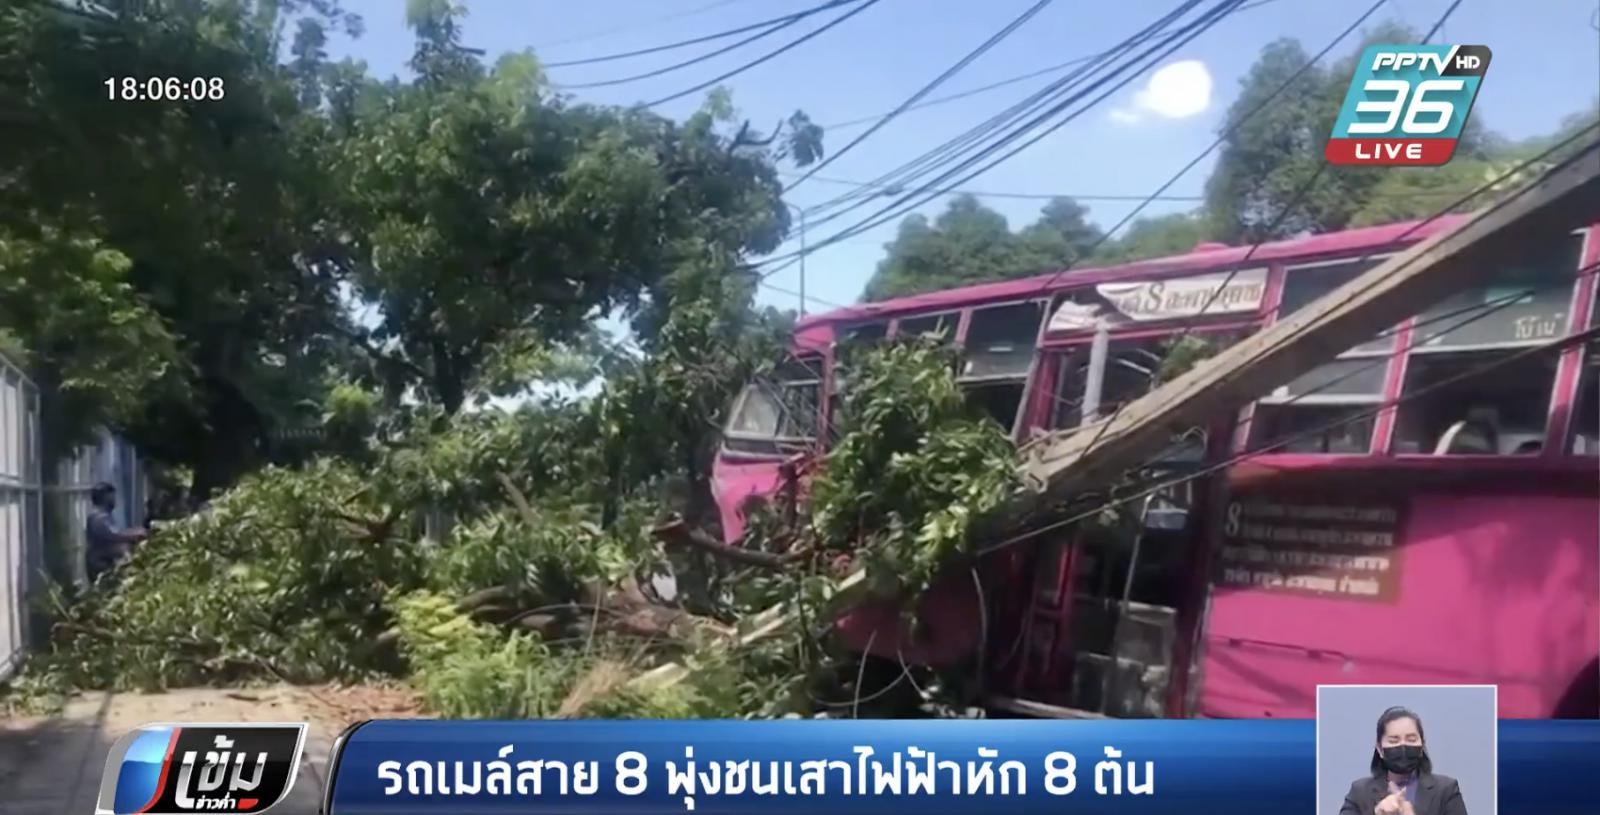 รถเมล์สาย 8 พุ่งชนเสาไฟฟ้าหัก 8 ต้น